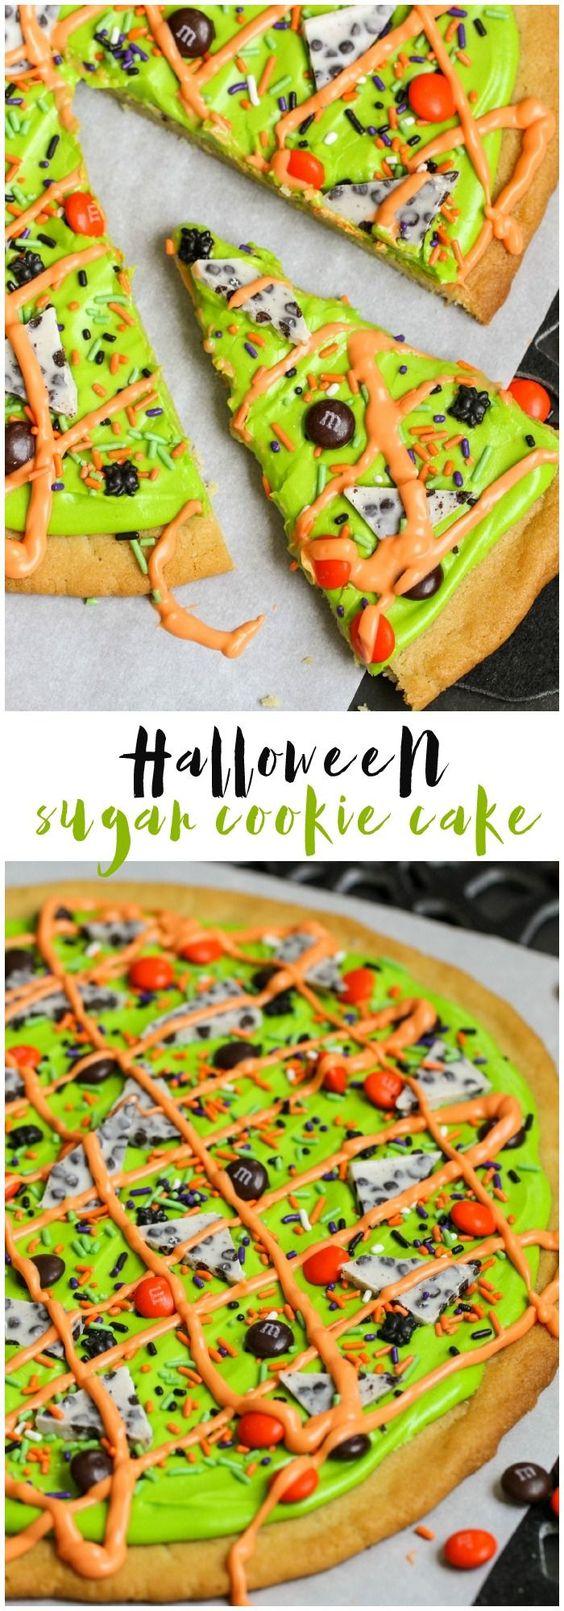 Halloween Sugar Cookie Cake | Recipe | Sugar Cookie Cakes, Cookie ...